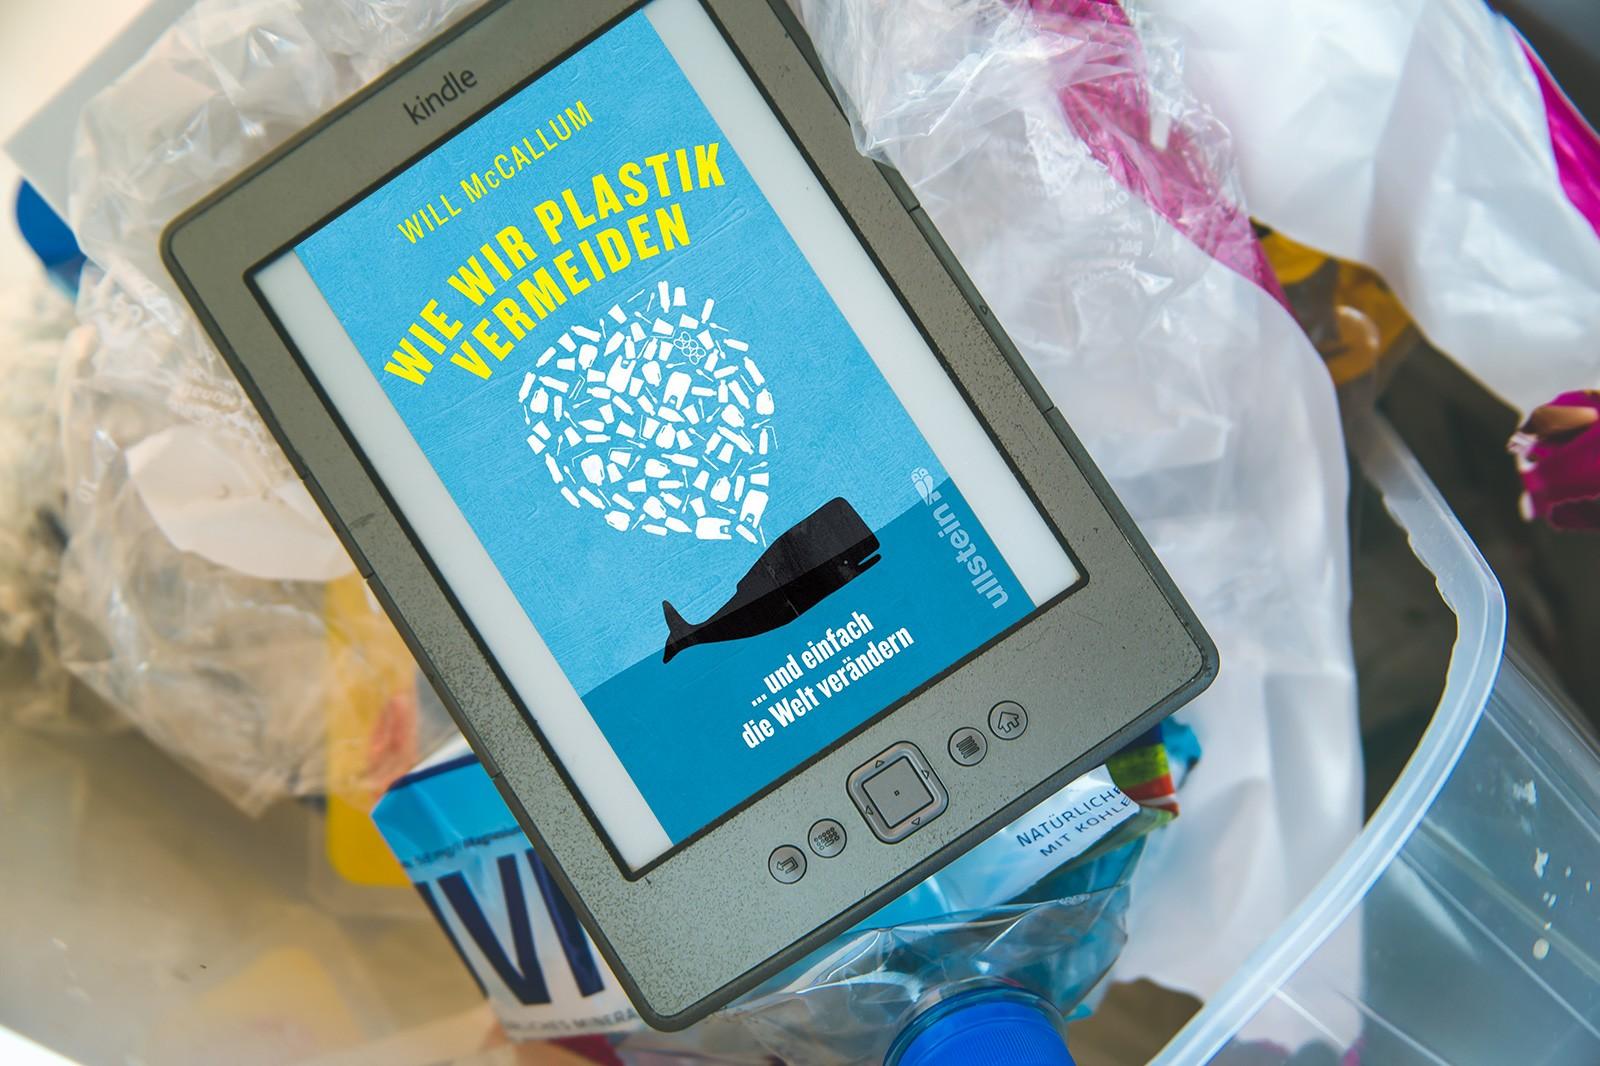 Wie wir Plastik vermeiden – Will McCallum